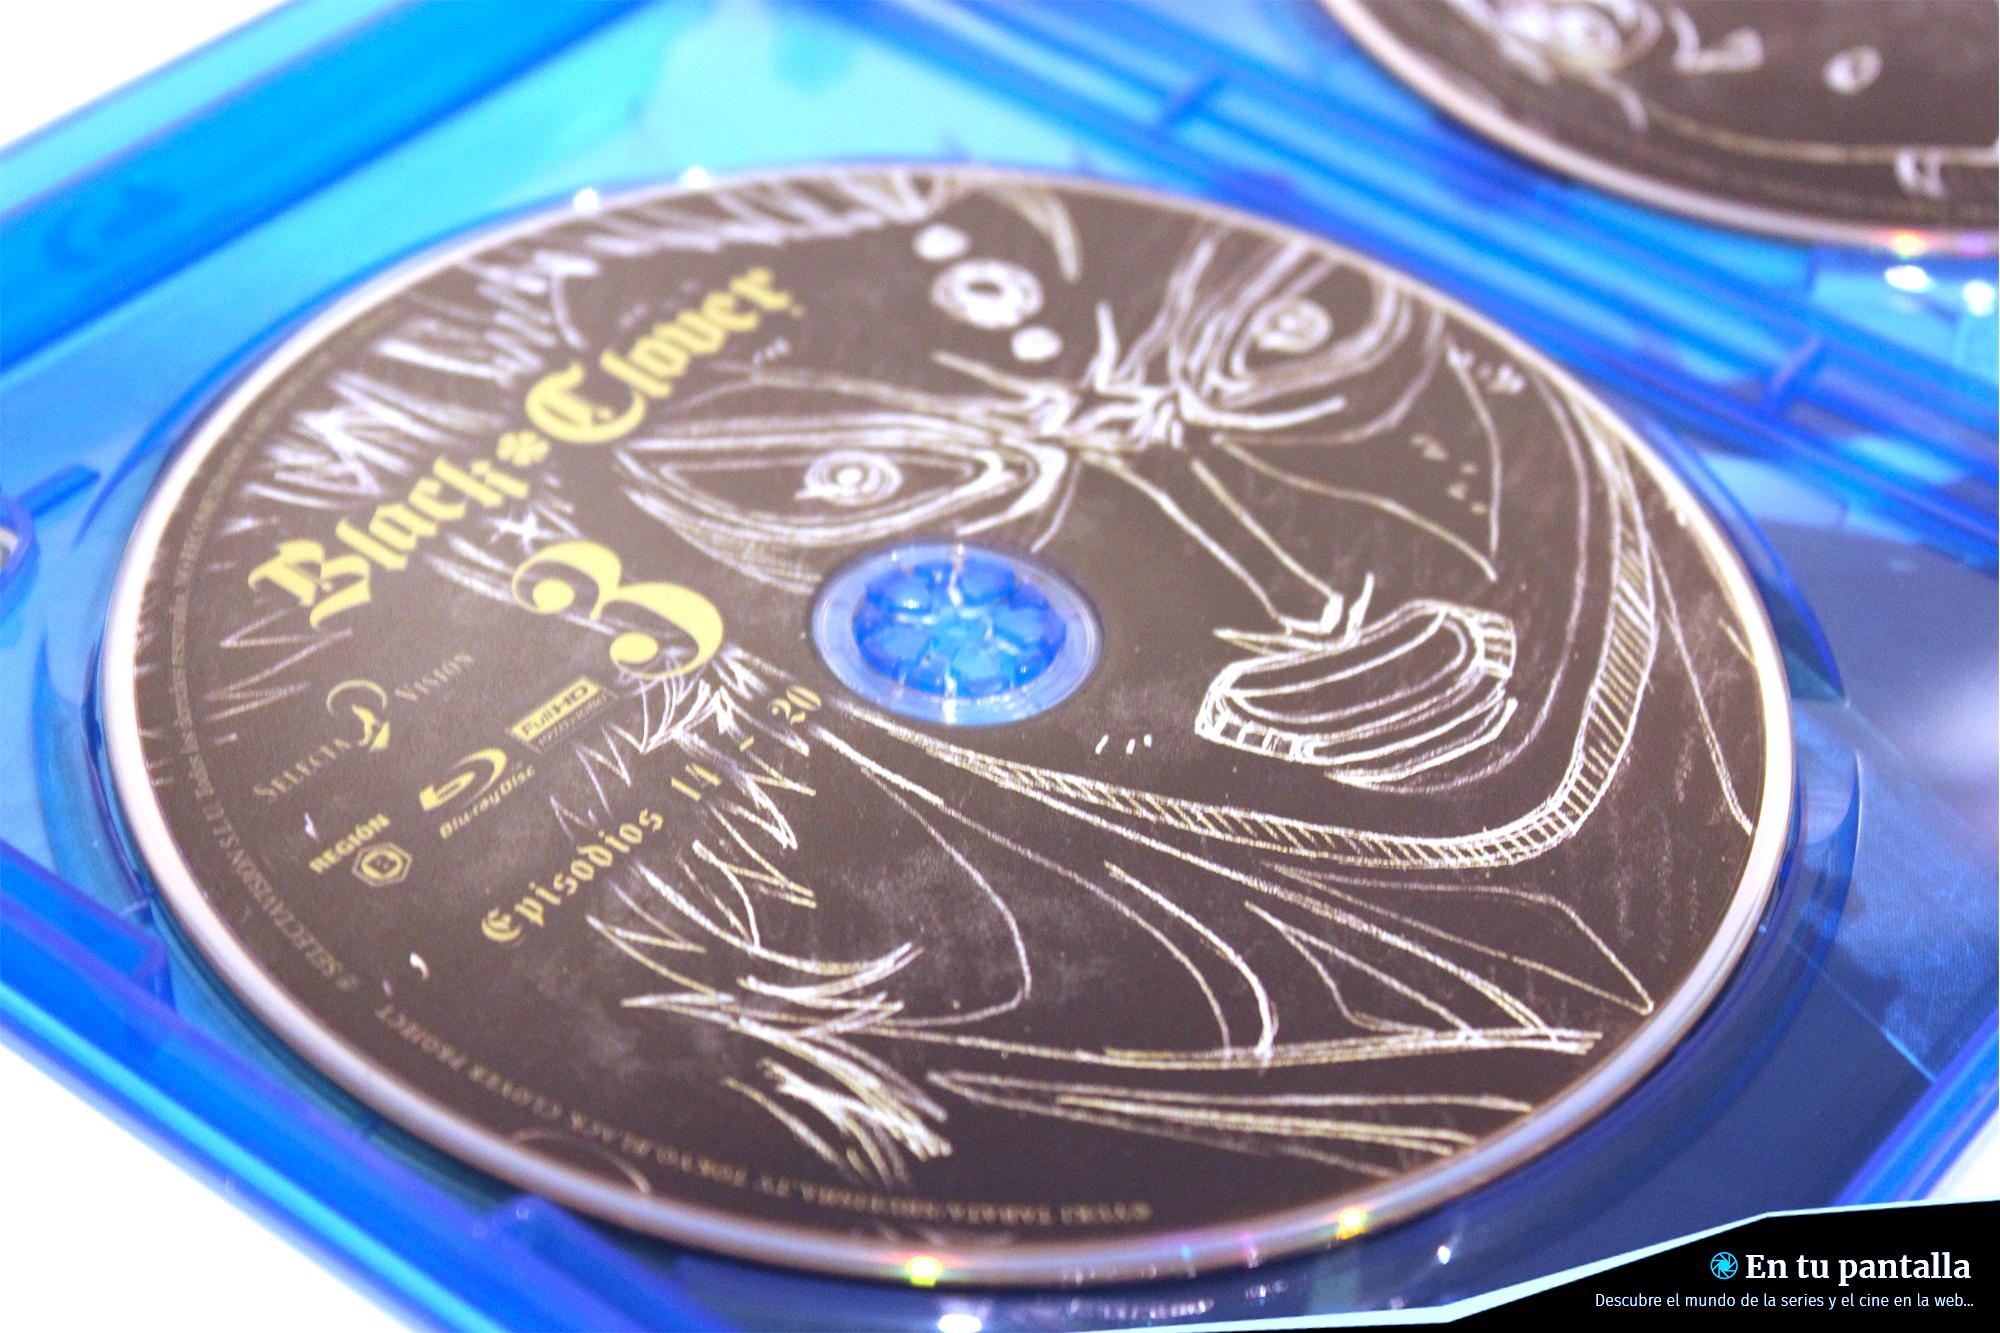 Análisis Blu-ray: 'Black Clover: Box 2', un vistazo al Blu-ray • En tu pantalla